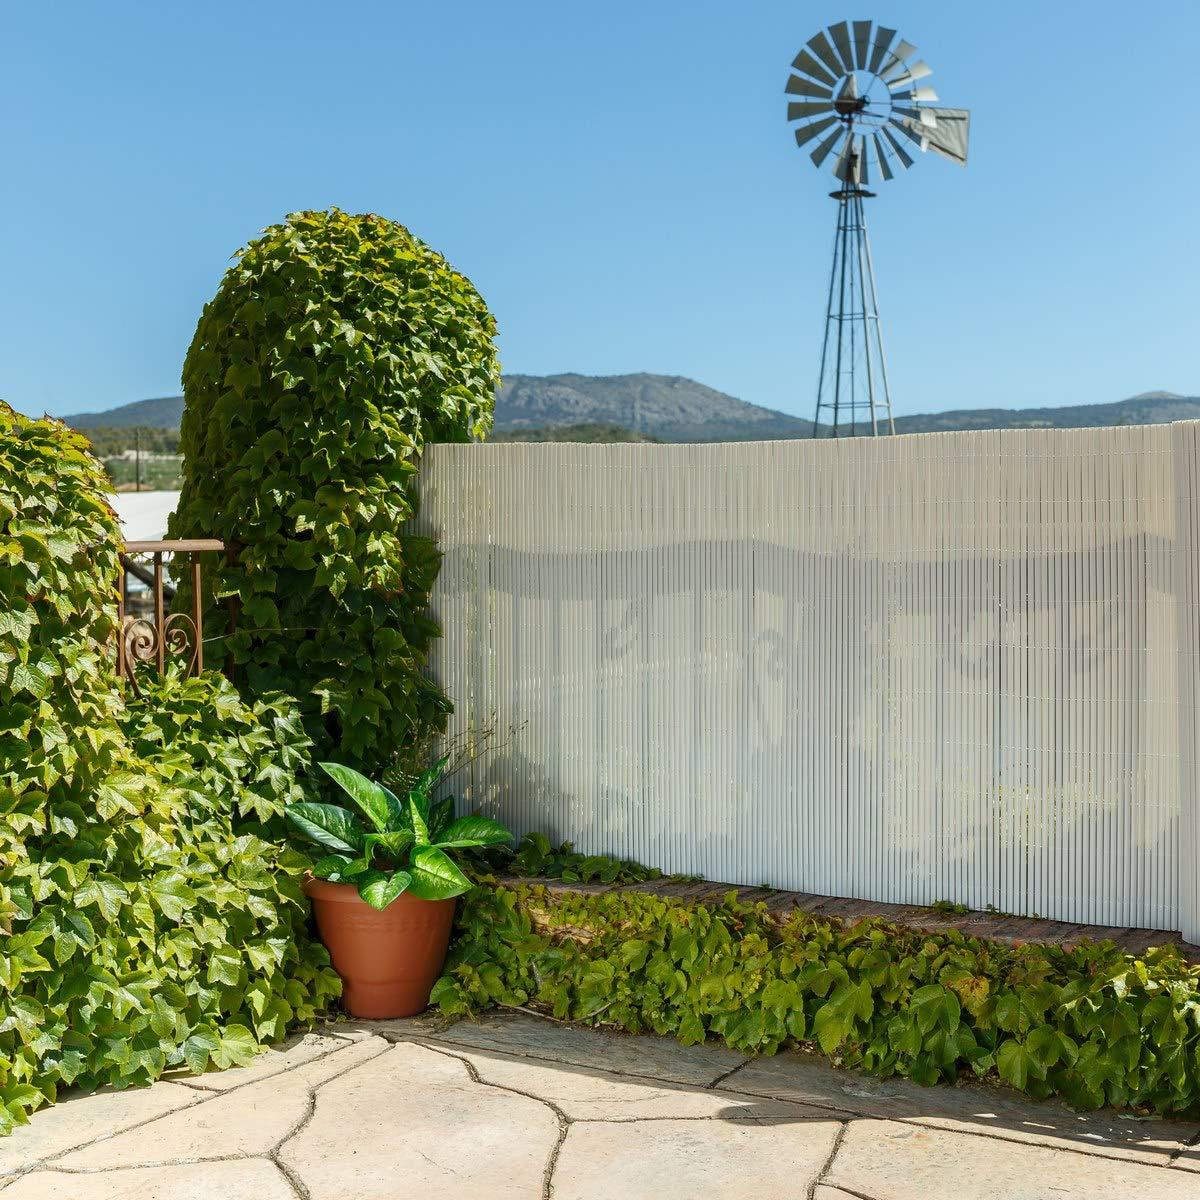 Cañizo Artificial de ocultación de PVC para jardín - LOLAhome: Amazon.es: Hogar